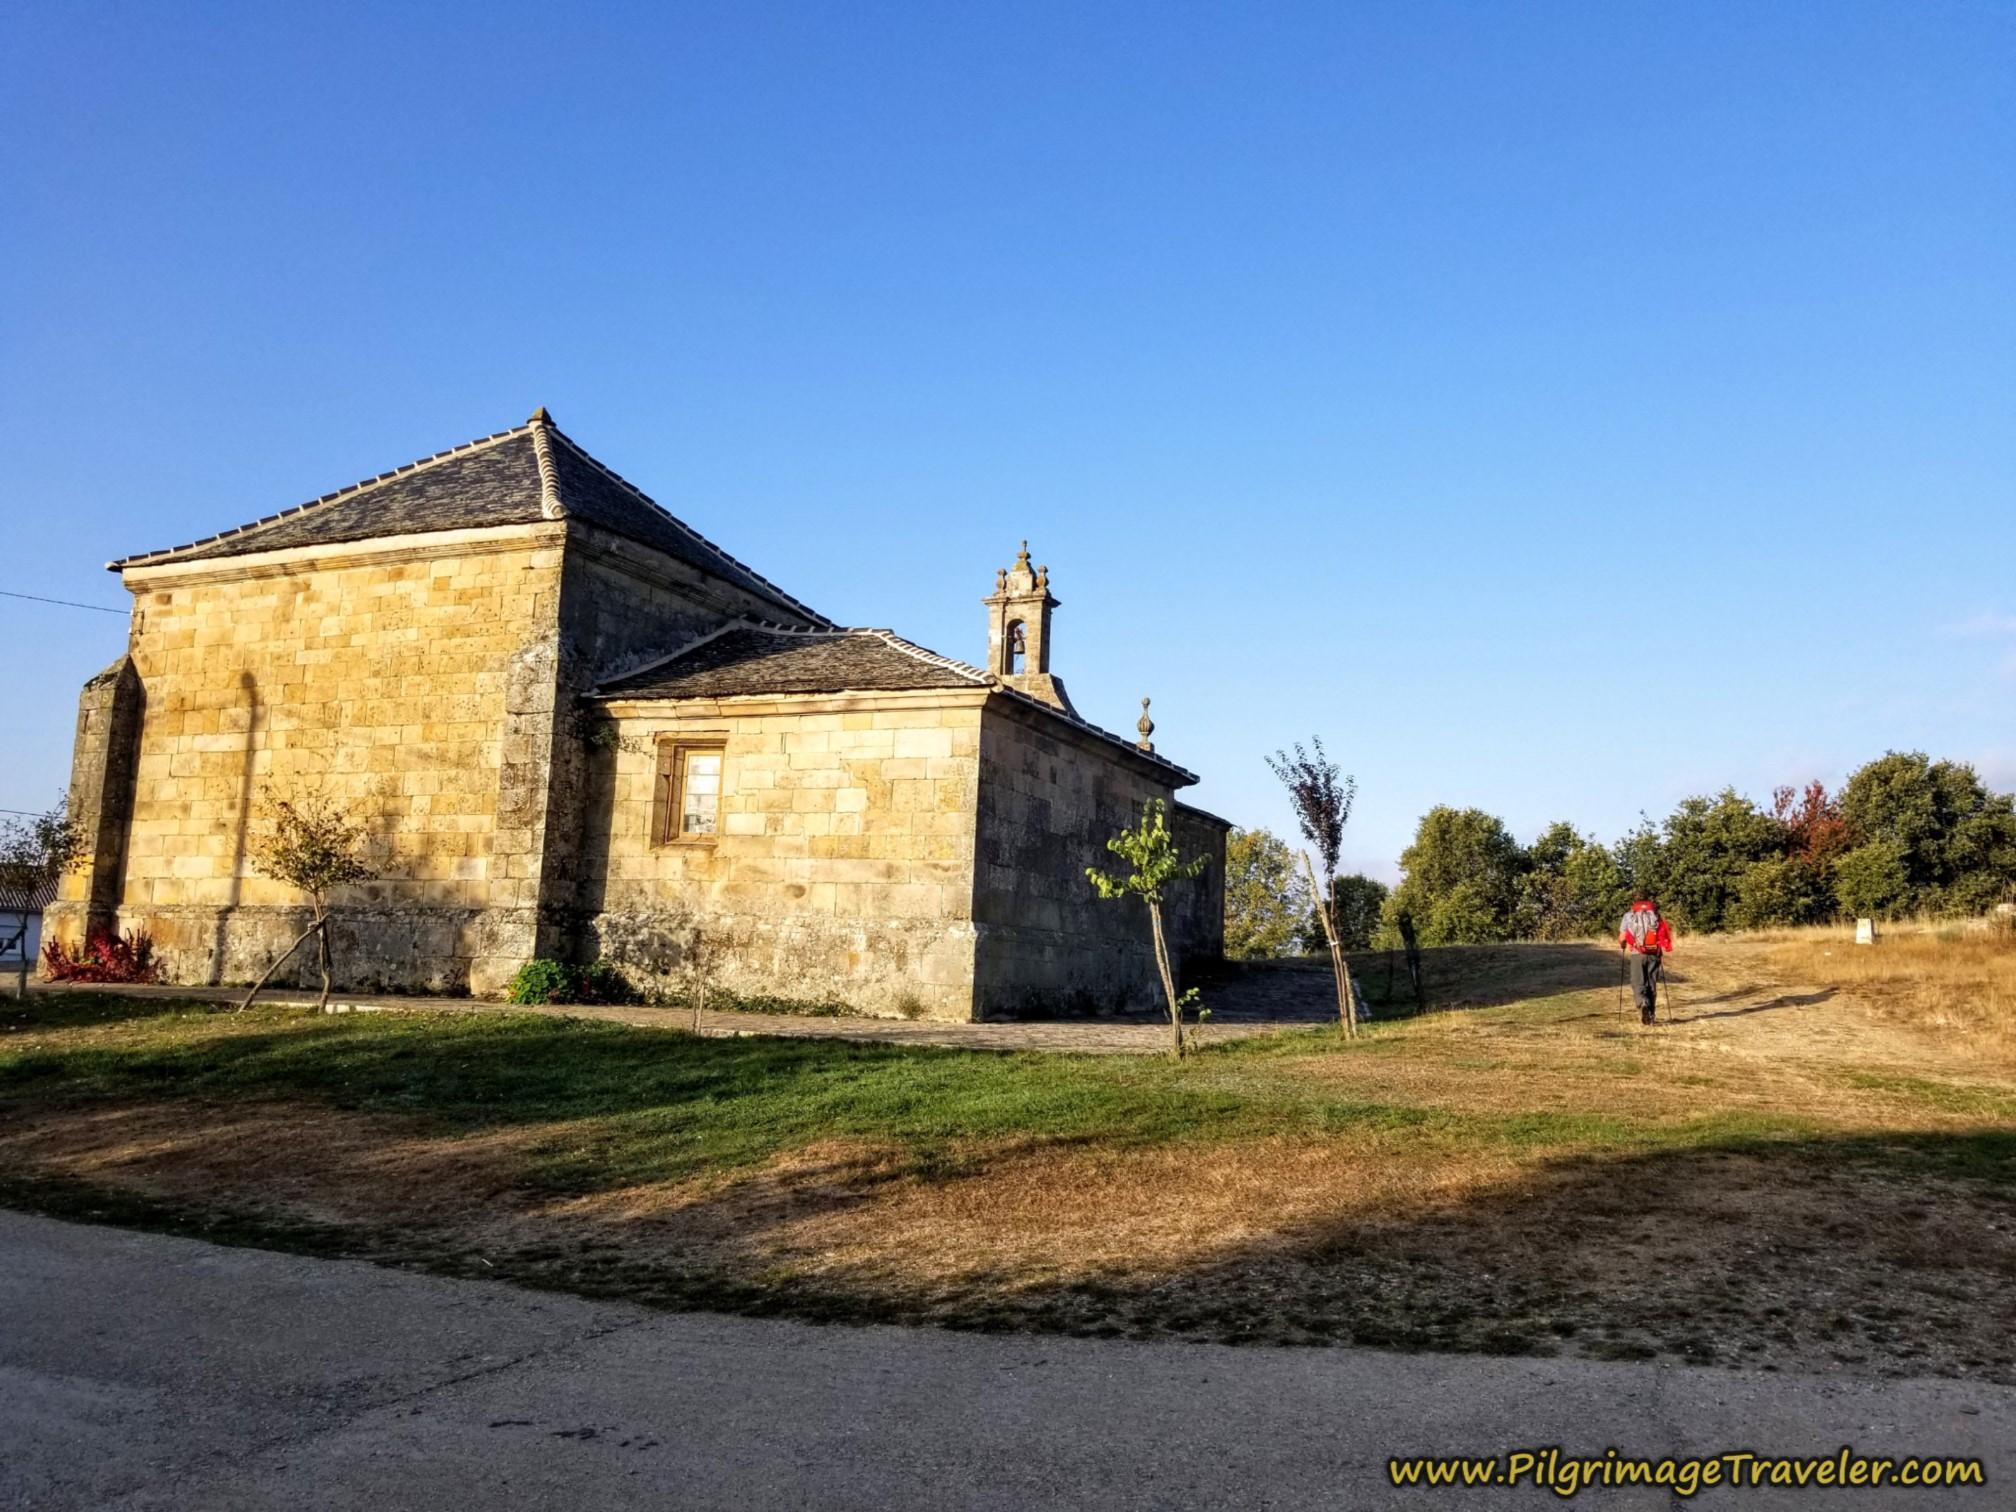 Ermita de La Encarnación, Palacios de Sanabria on the Camino Sanabrés from Entrepeñas to Puebla de Sanabria